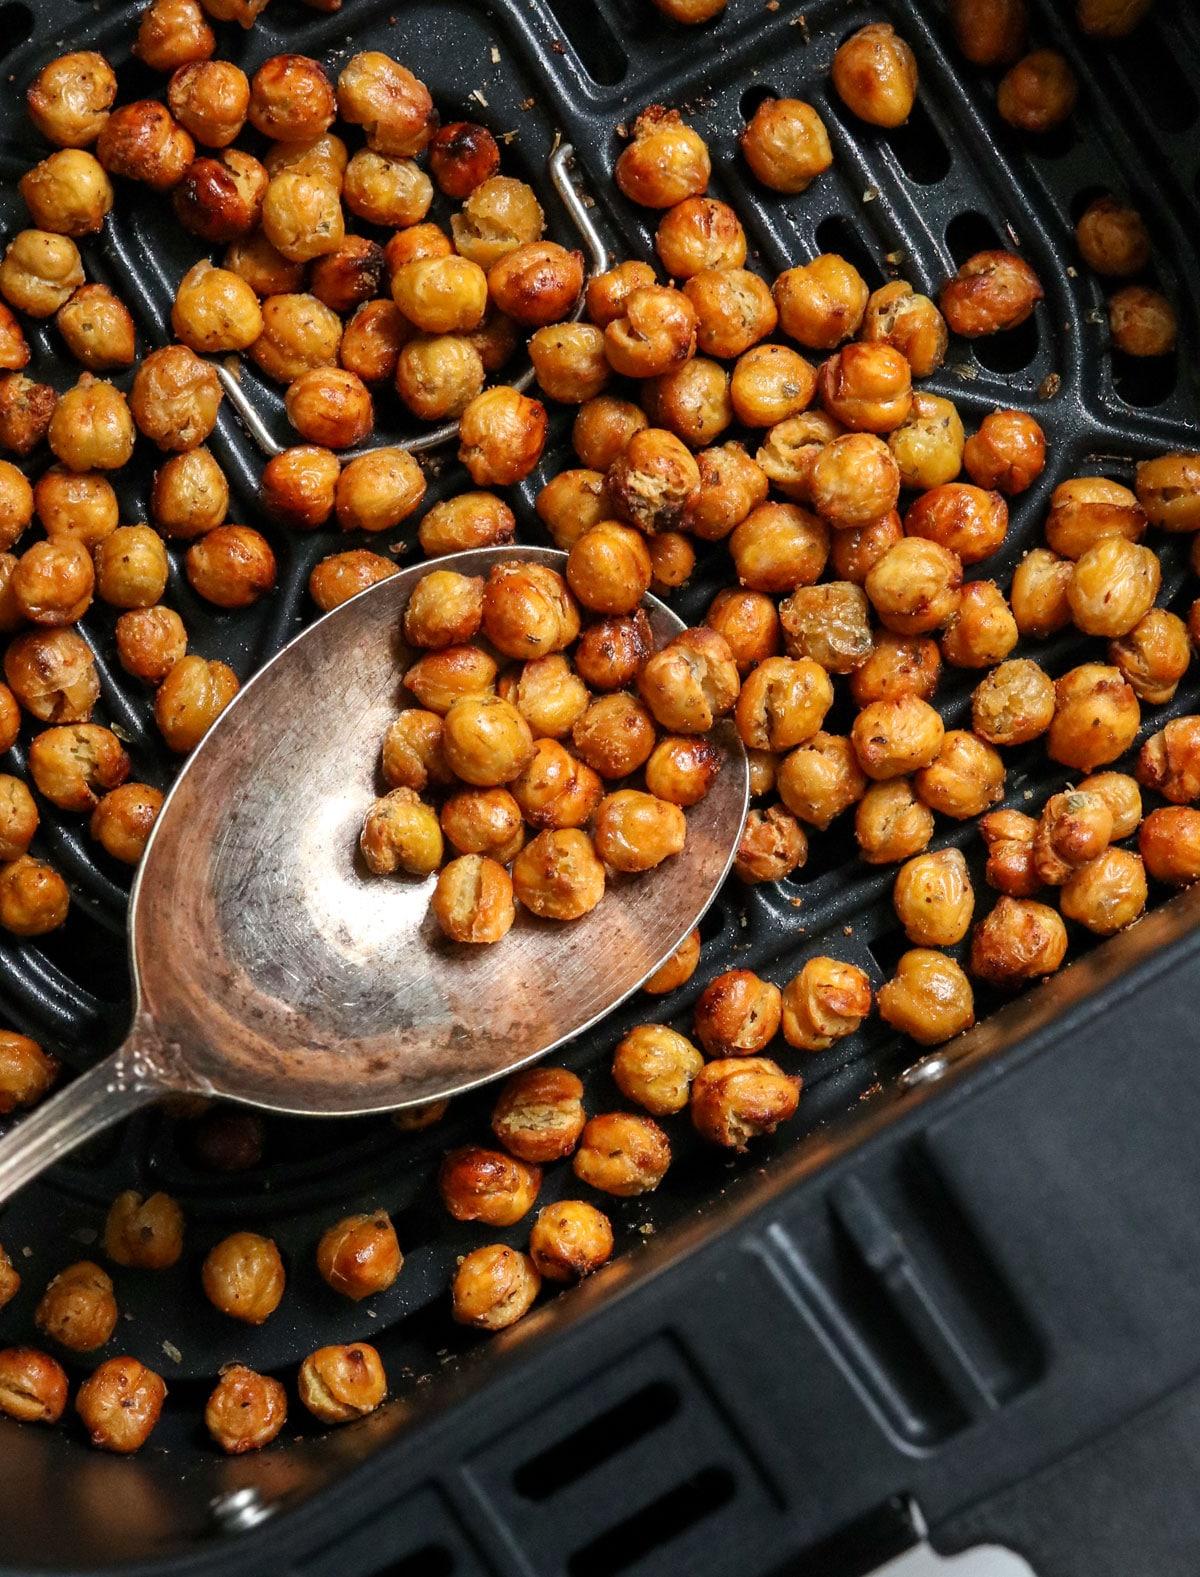 crispy chickpeas in air fryer basket